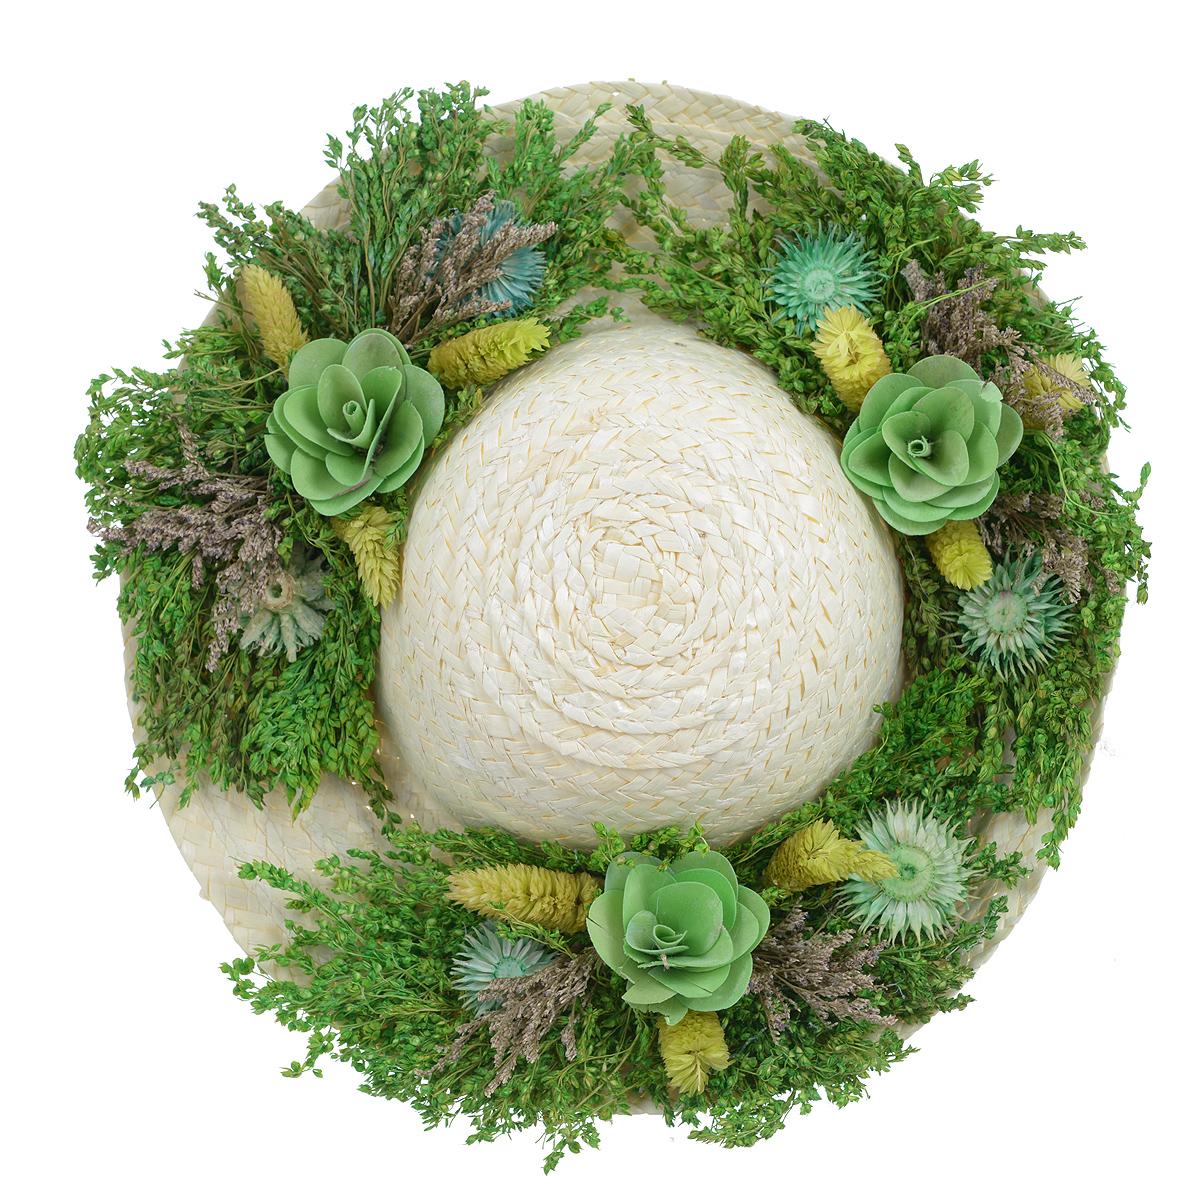 Декоративное настенное украшение Lillo Шляпа с цветами, цвет: светло-бежевый, зеленыйAF 03127Декоративное подвесное украшение Lillo Шляпа выполнено из натуральной соломы и украшено сухоцветами. Такая шляпа станет изящным элементом декора в вашем доме. С задней стороны расположена петелька для подвешивания. Такое украшение не только подчеркнет ваш изысканный вкус, но и прекрасным подарком, который обязательно порадует получателя.Диаметр шляпы: 29 х 29 х 7,5 см.